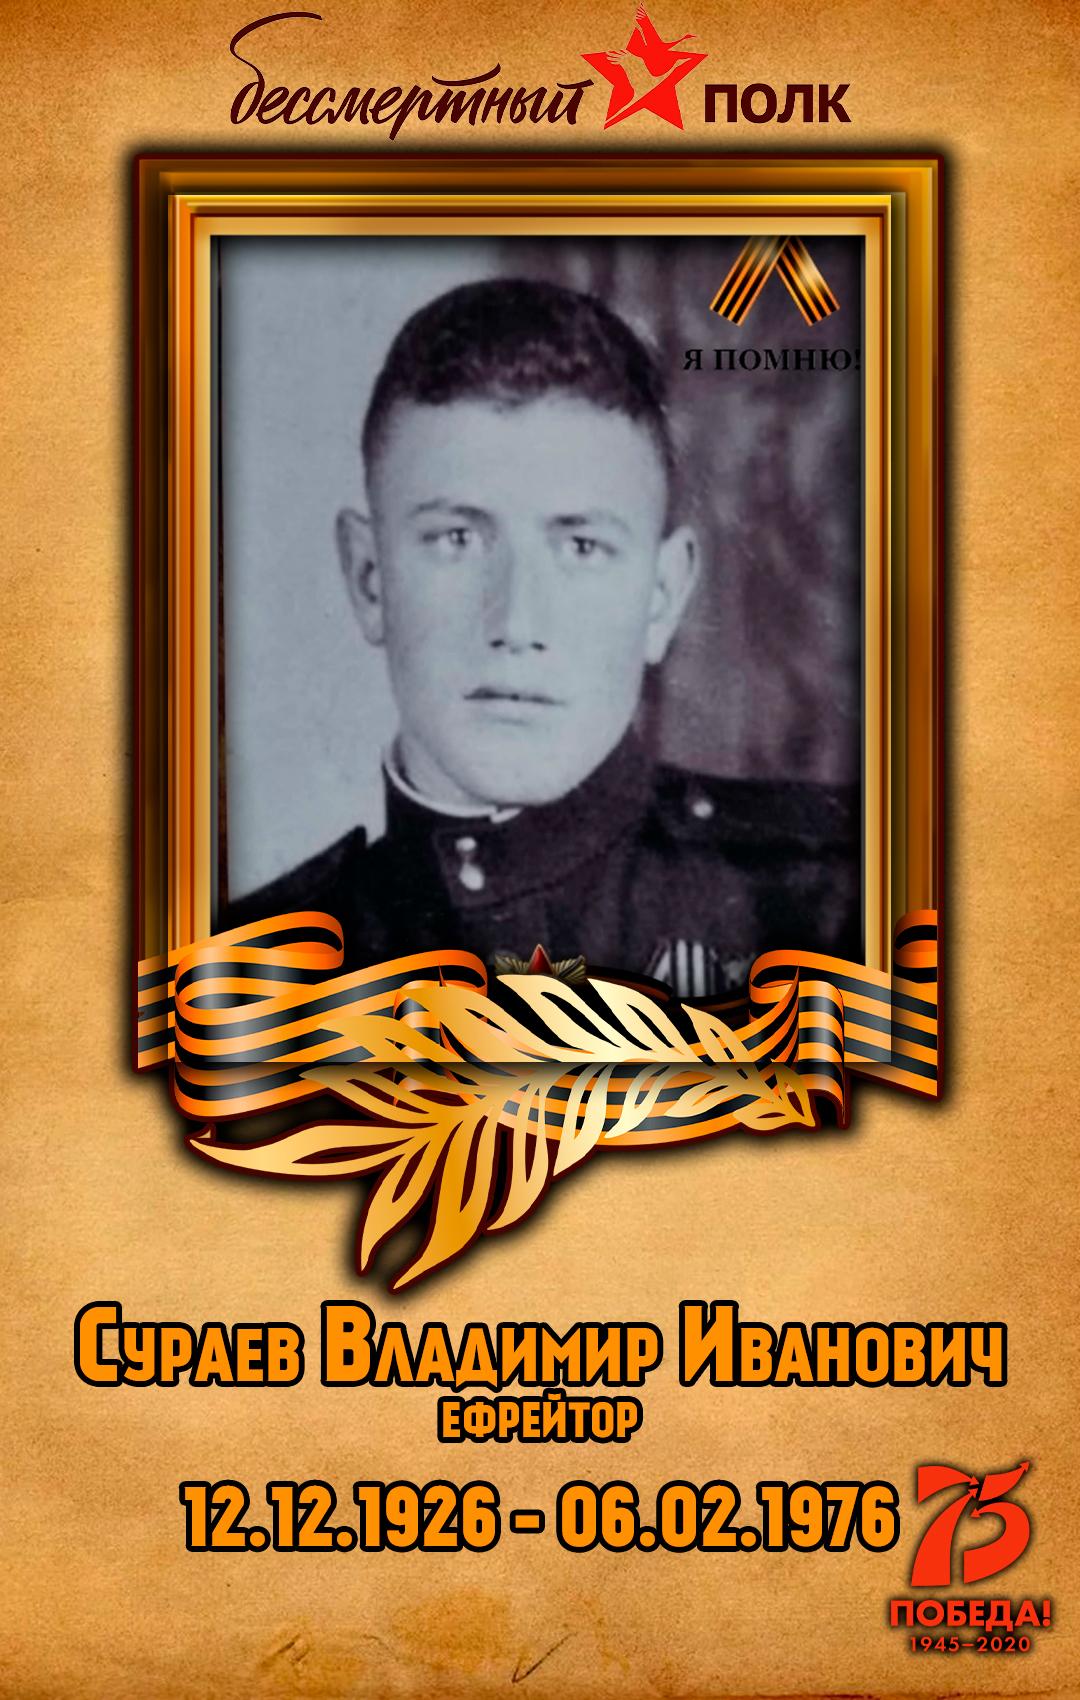 Сураев-Владимир-Иванович